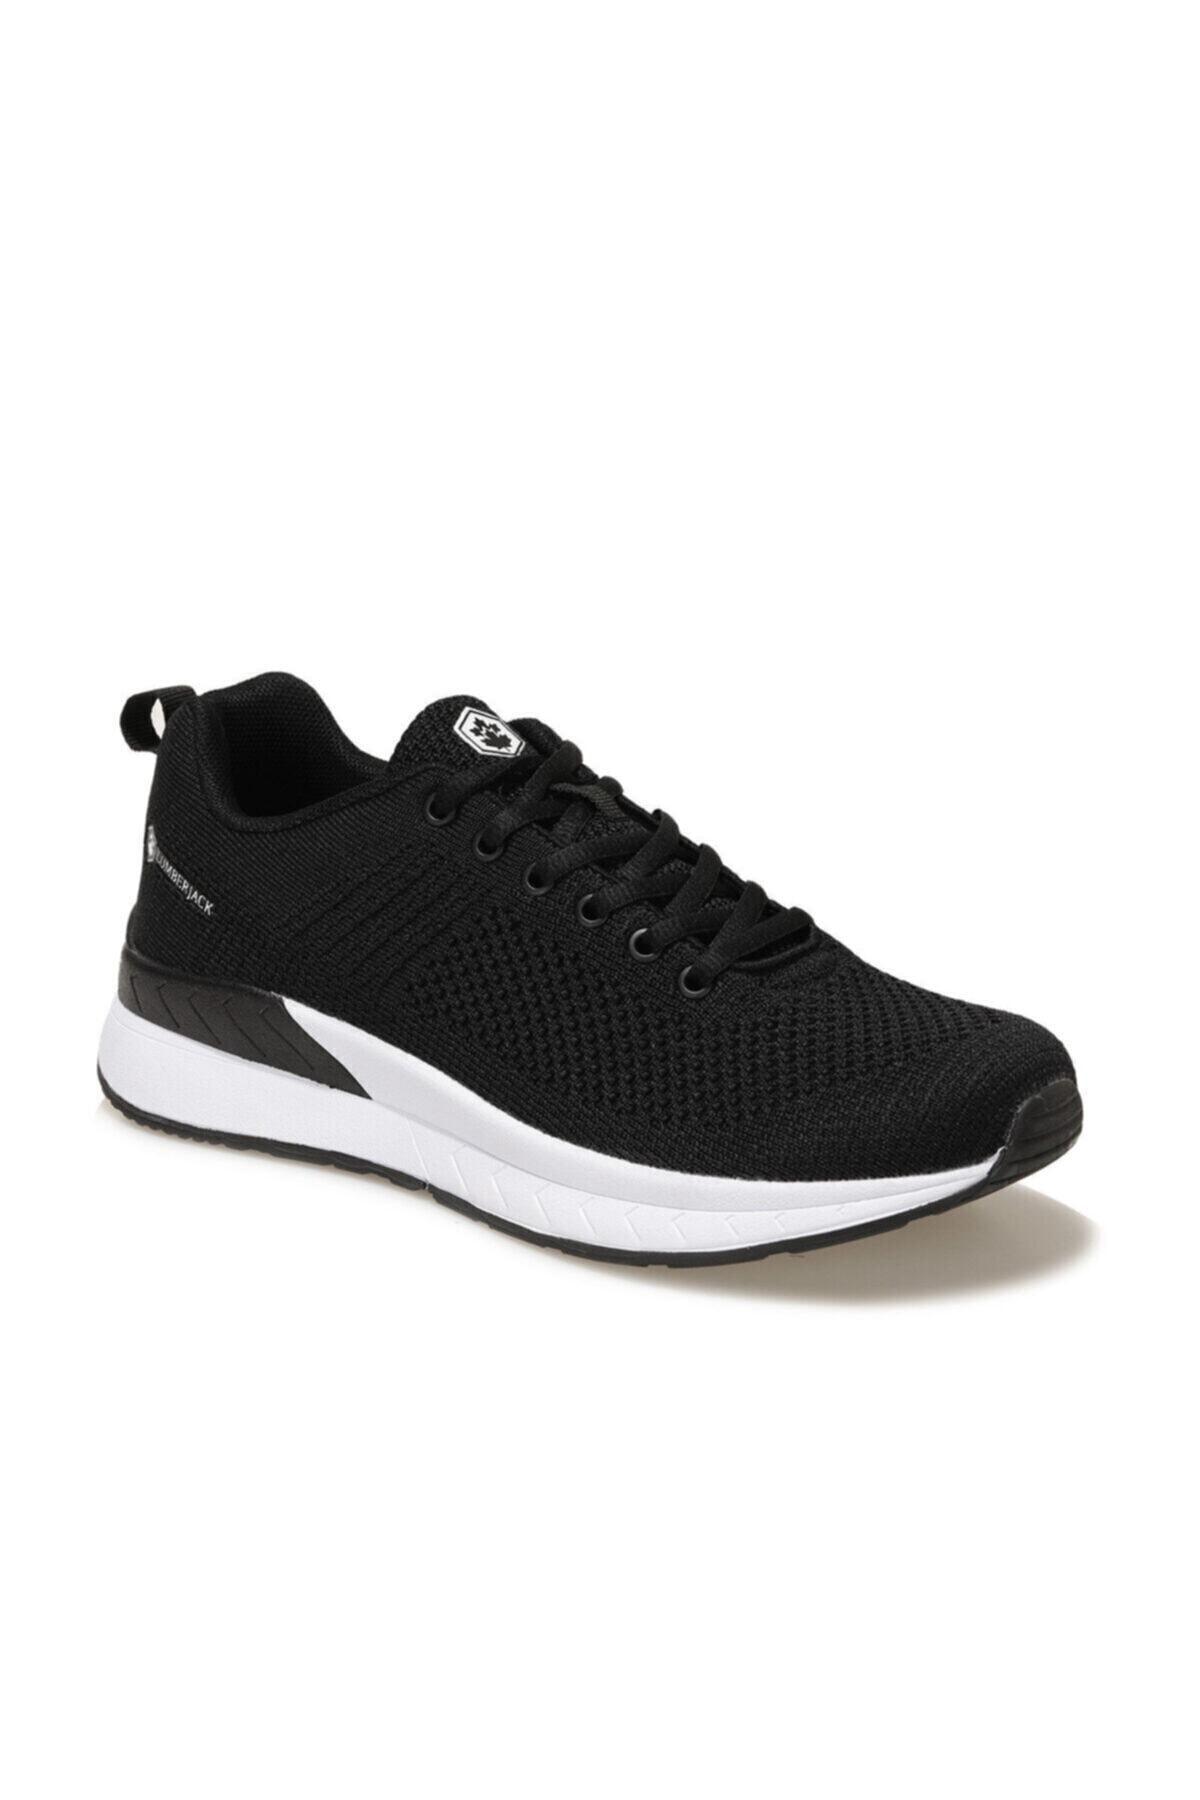 کفش مخصوص دویدن مردانه خاص برند lumberjack رنگ مشکی کد ty81370237